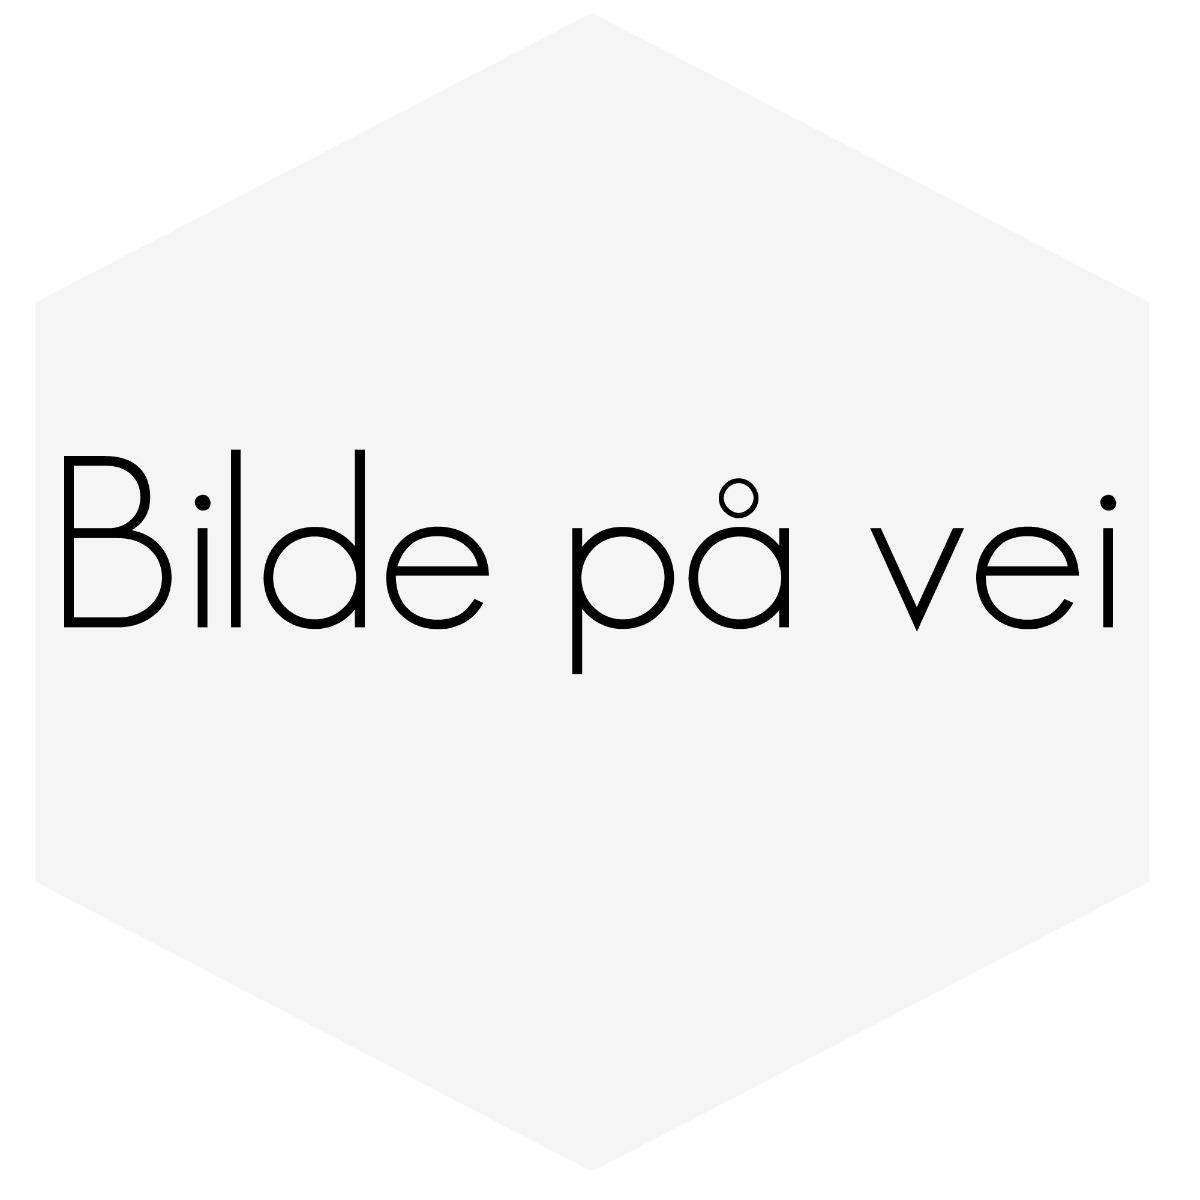 SILIKONSLANGE SVART FLEXIBEL GLATT 0,75'' (19MM)